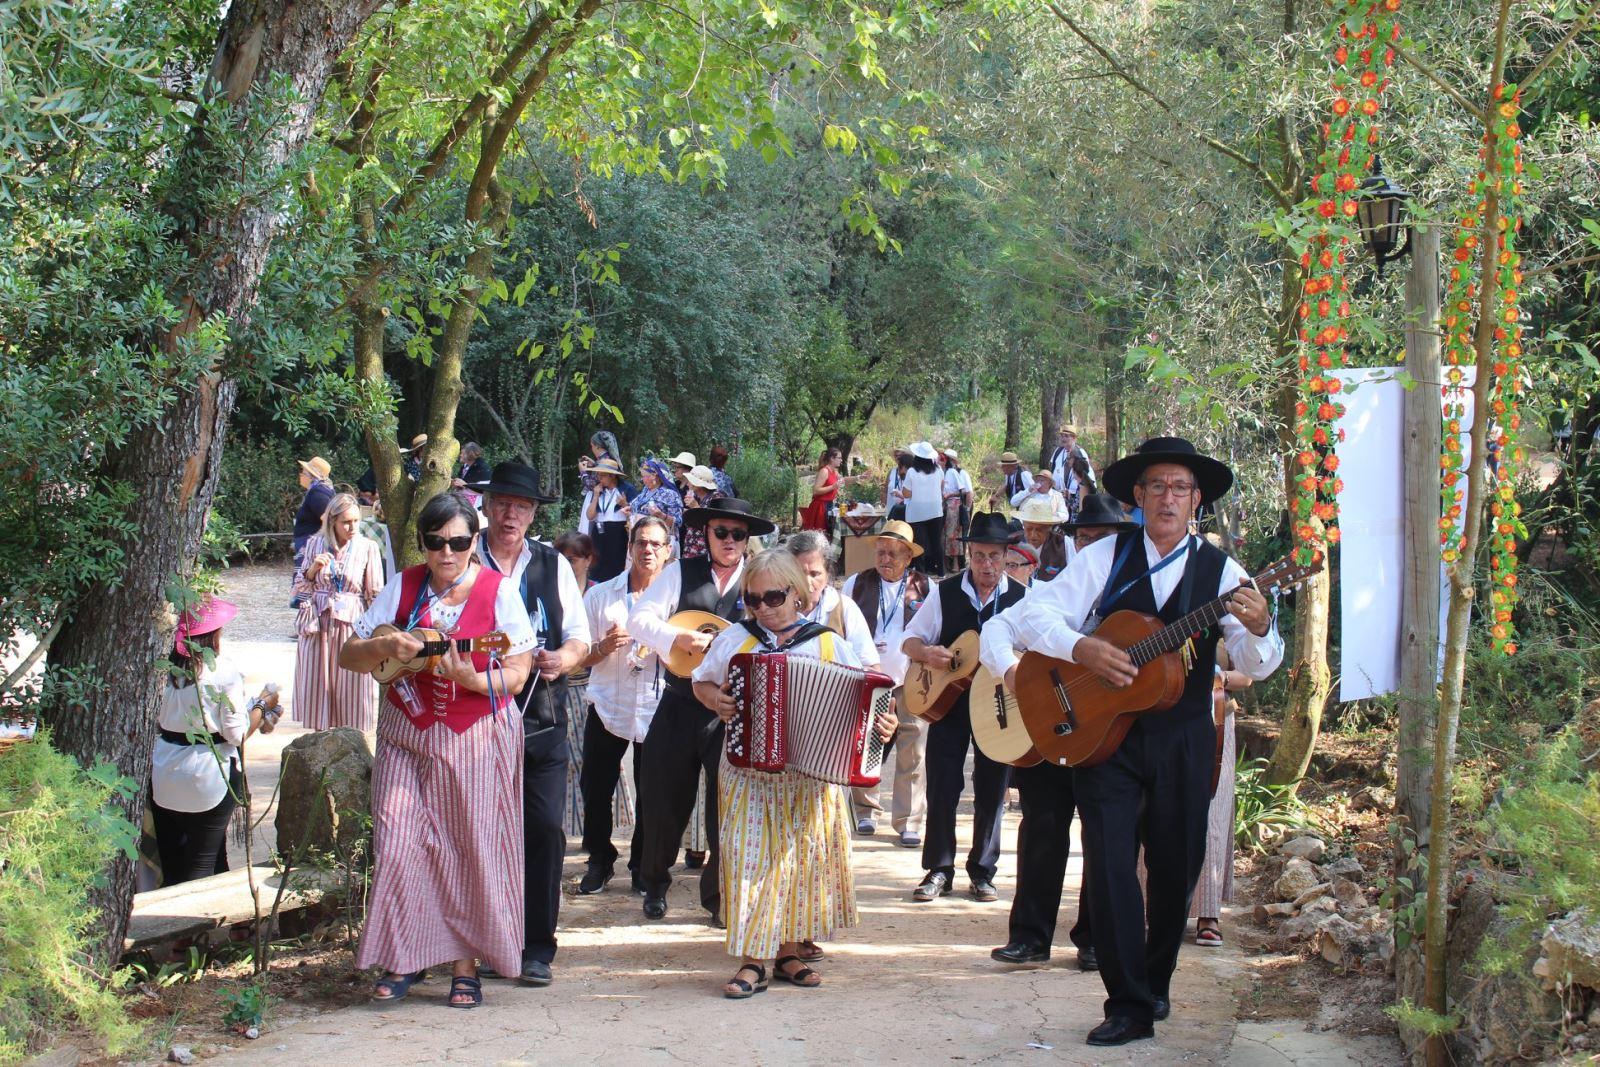 Pernes | Promover o convívio e fomentar tradições locais